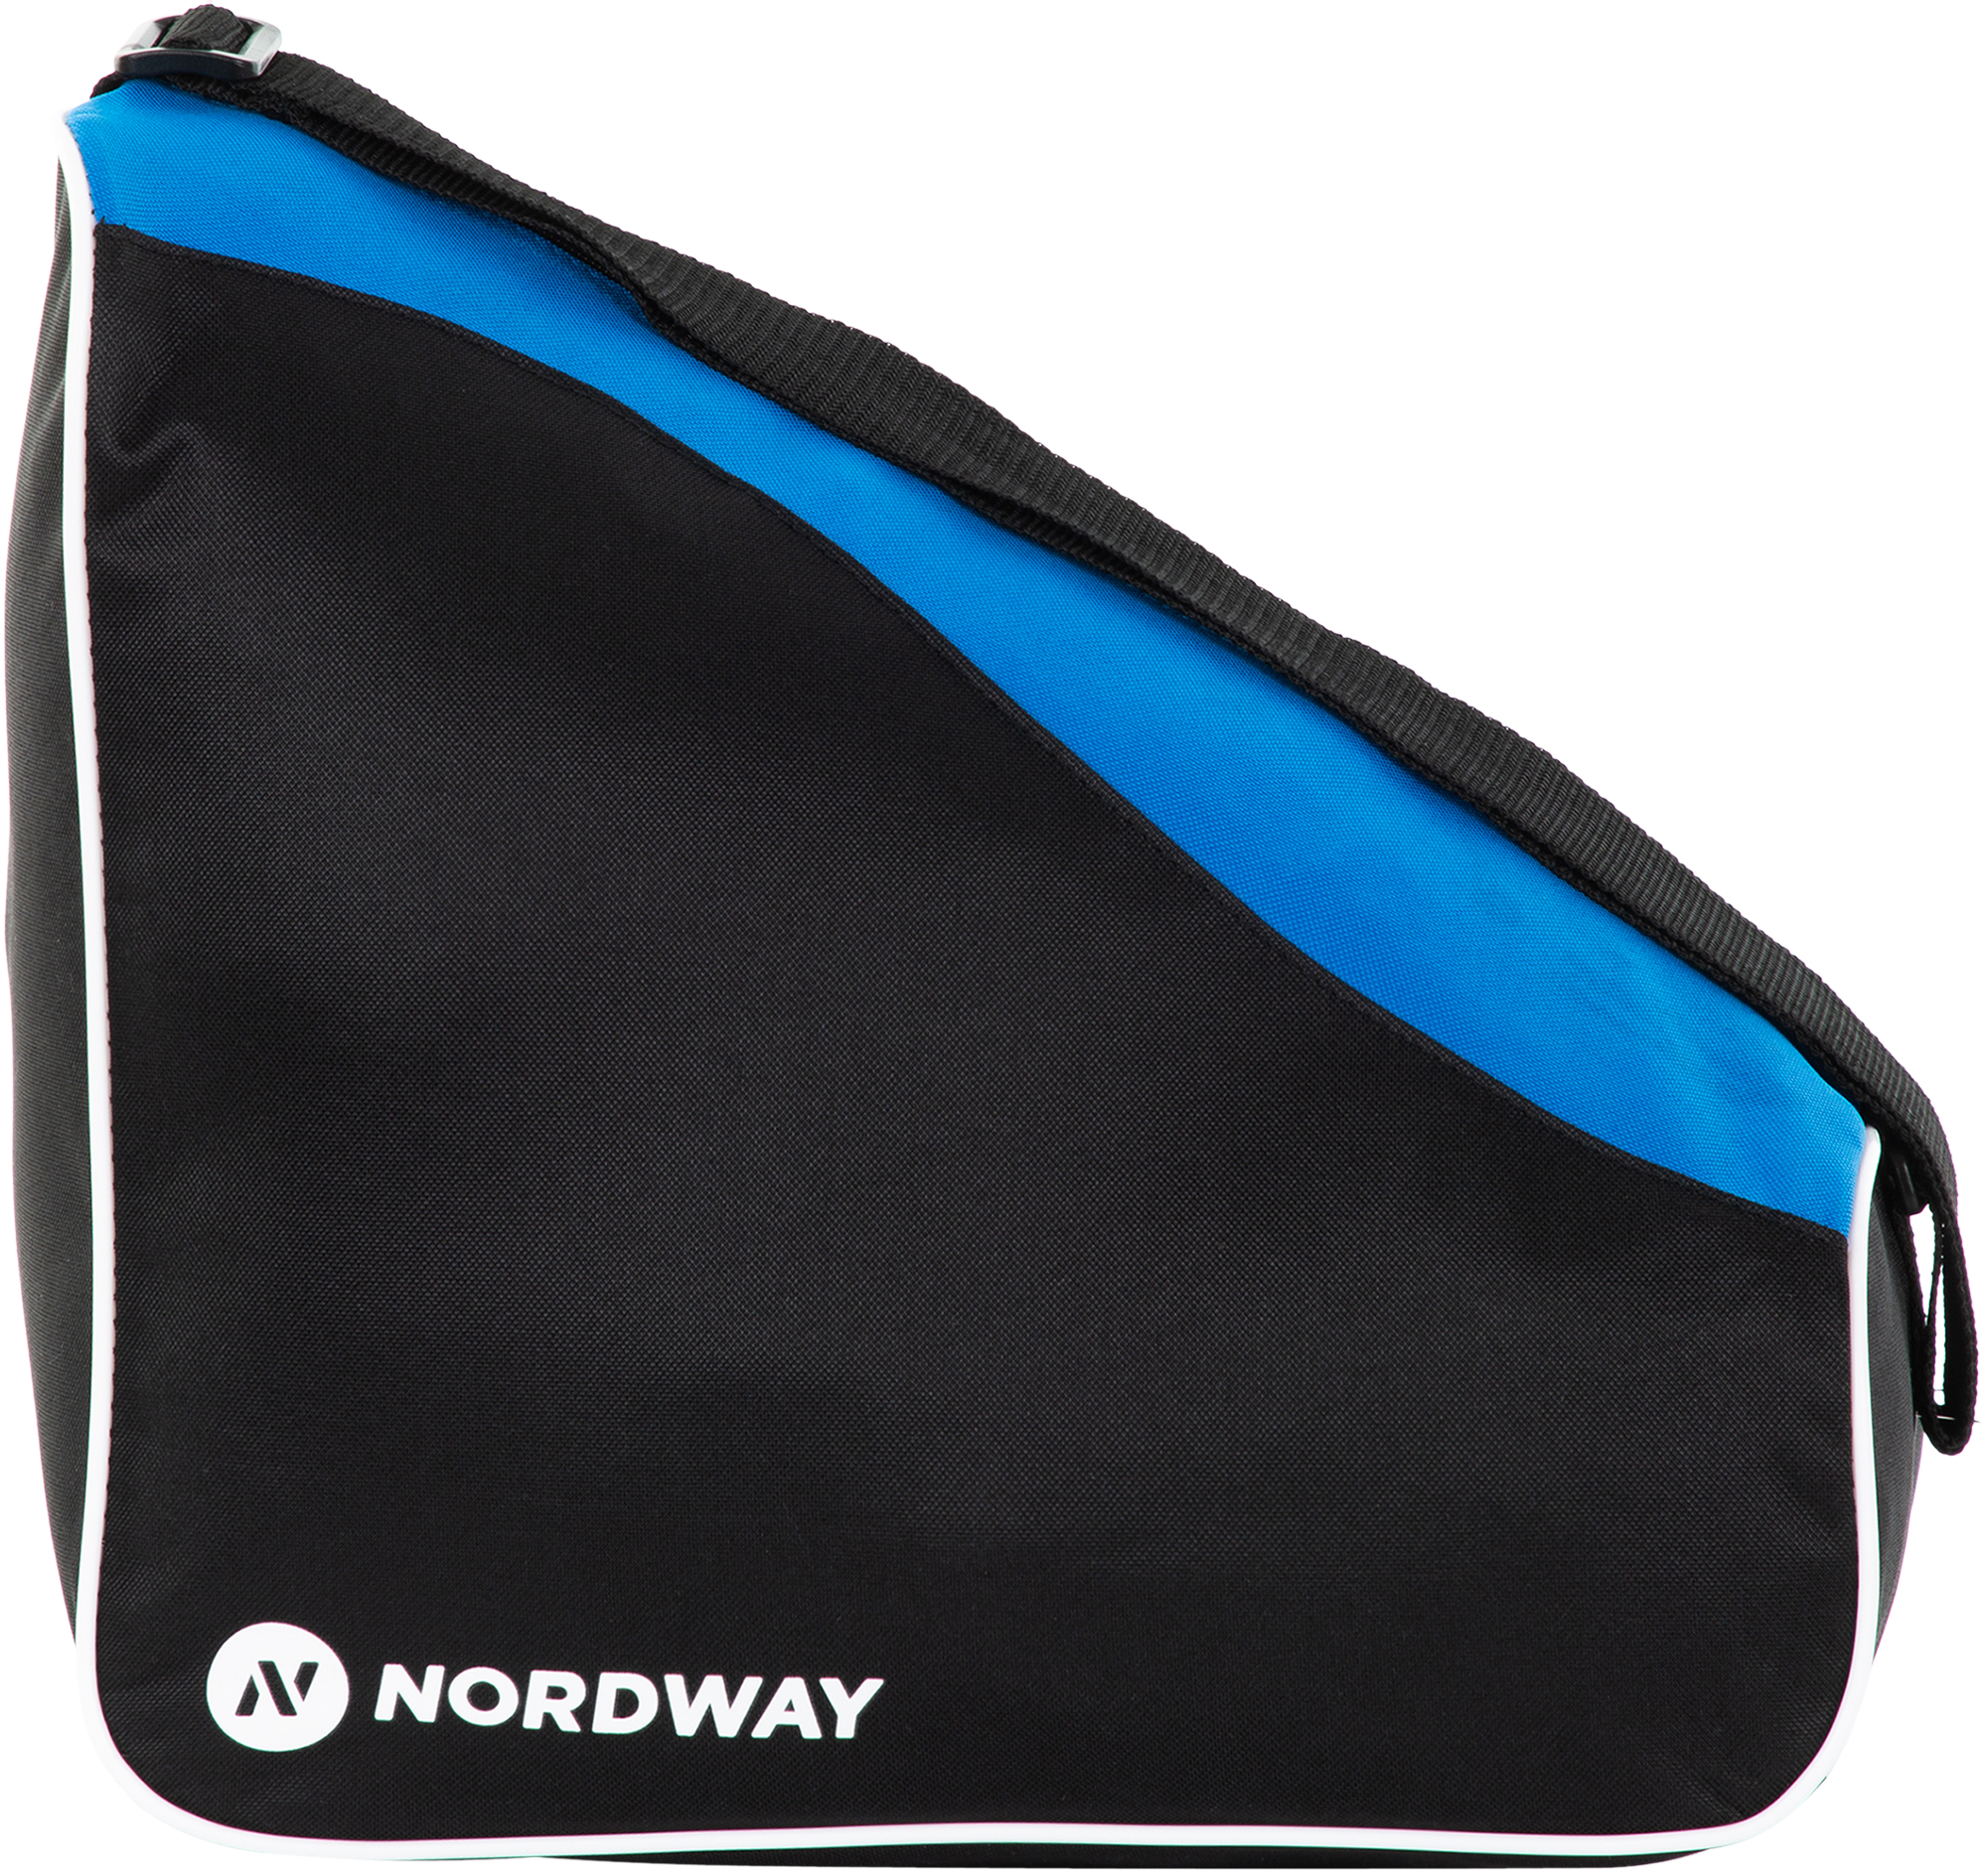 nordway клюшка хоккейная детская nordway Nordway Сумка для ледовых коньков детская Nordway SLIDE BOY